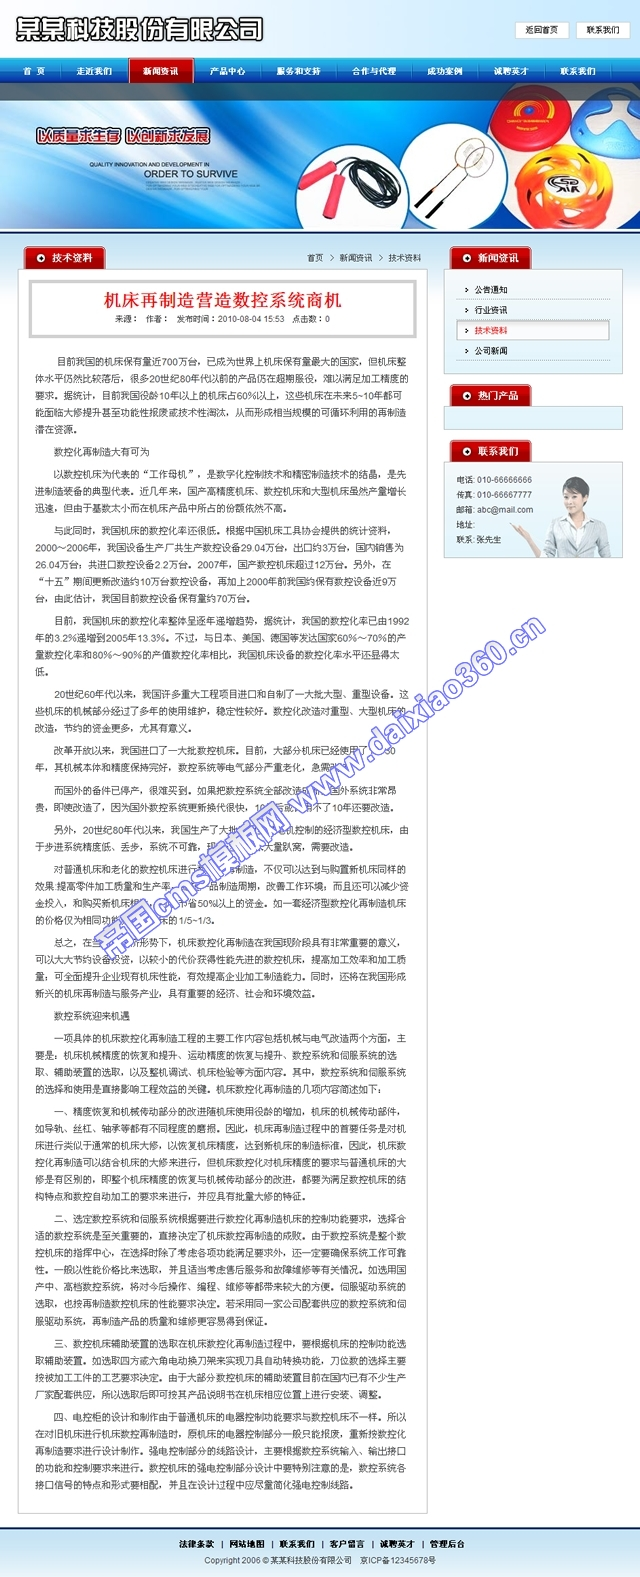 帝国办公用品cms模板_新闻内容